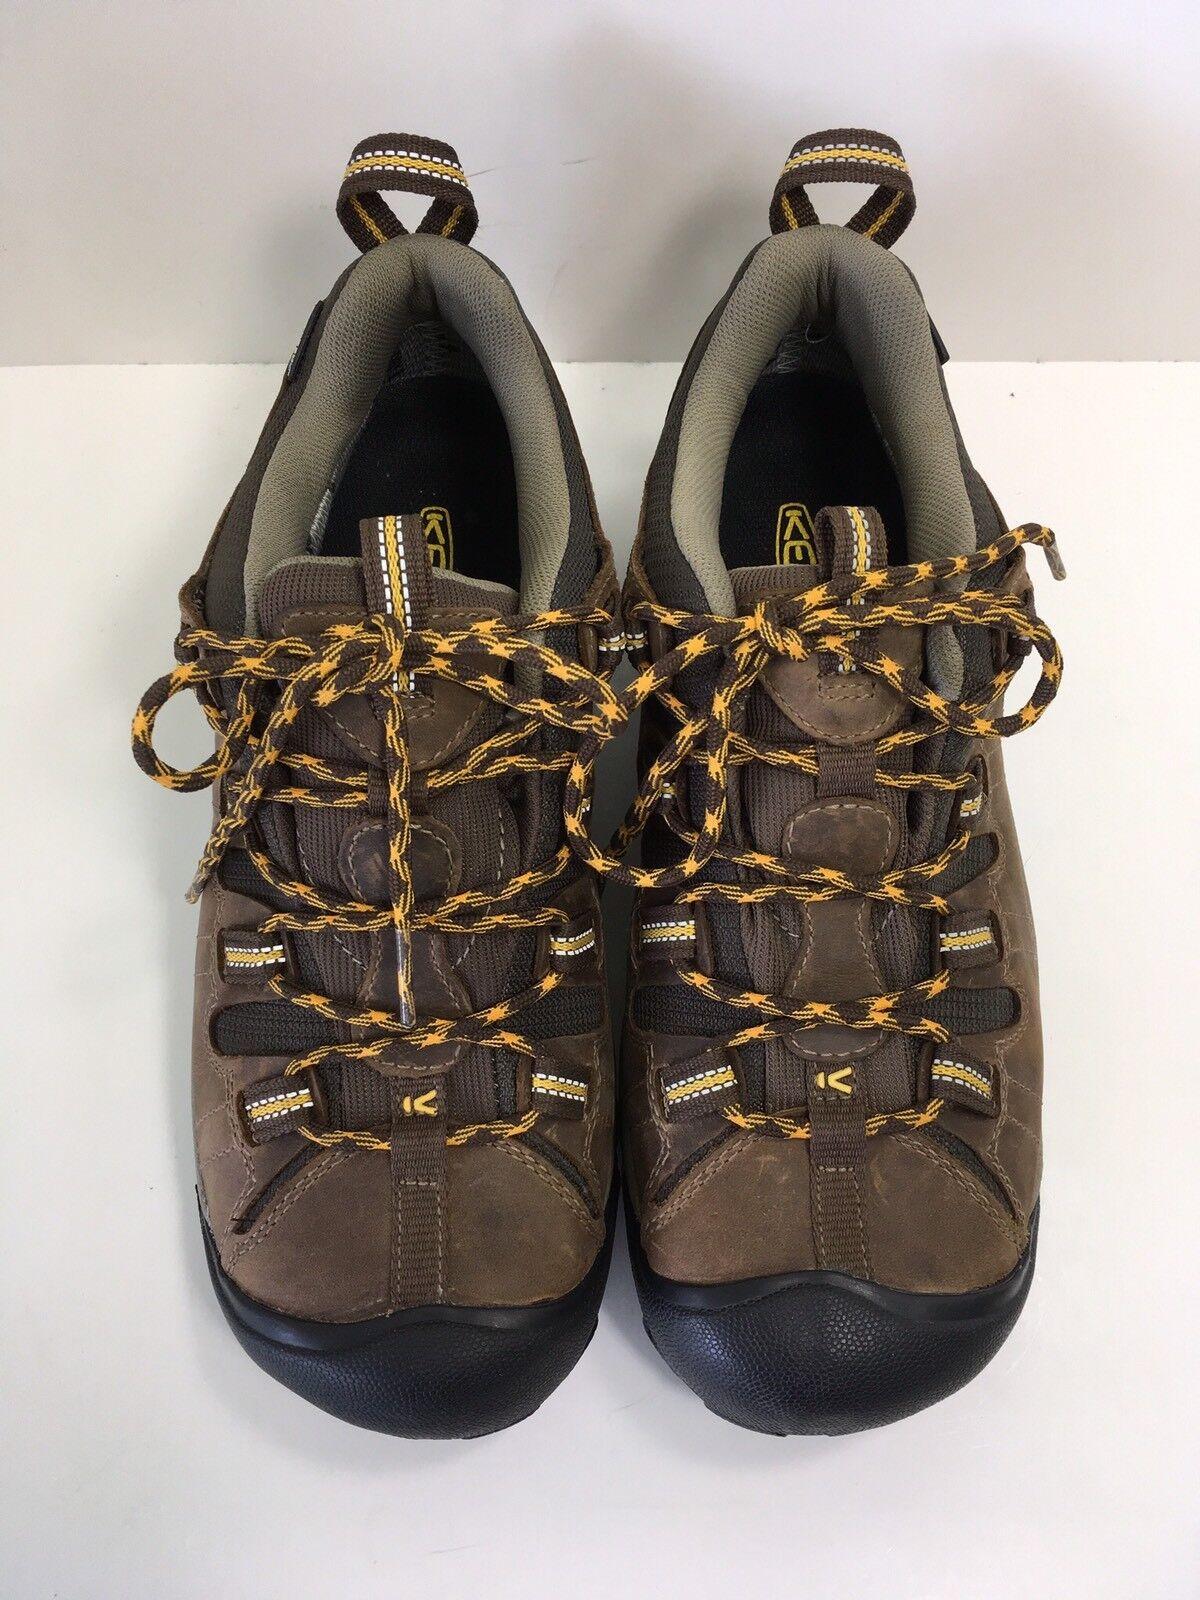 KEEN Men's Targhee II Mid Waterproof Hiking Boots Cascade size 8 M   NEW